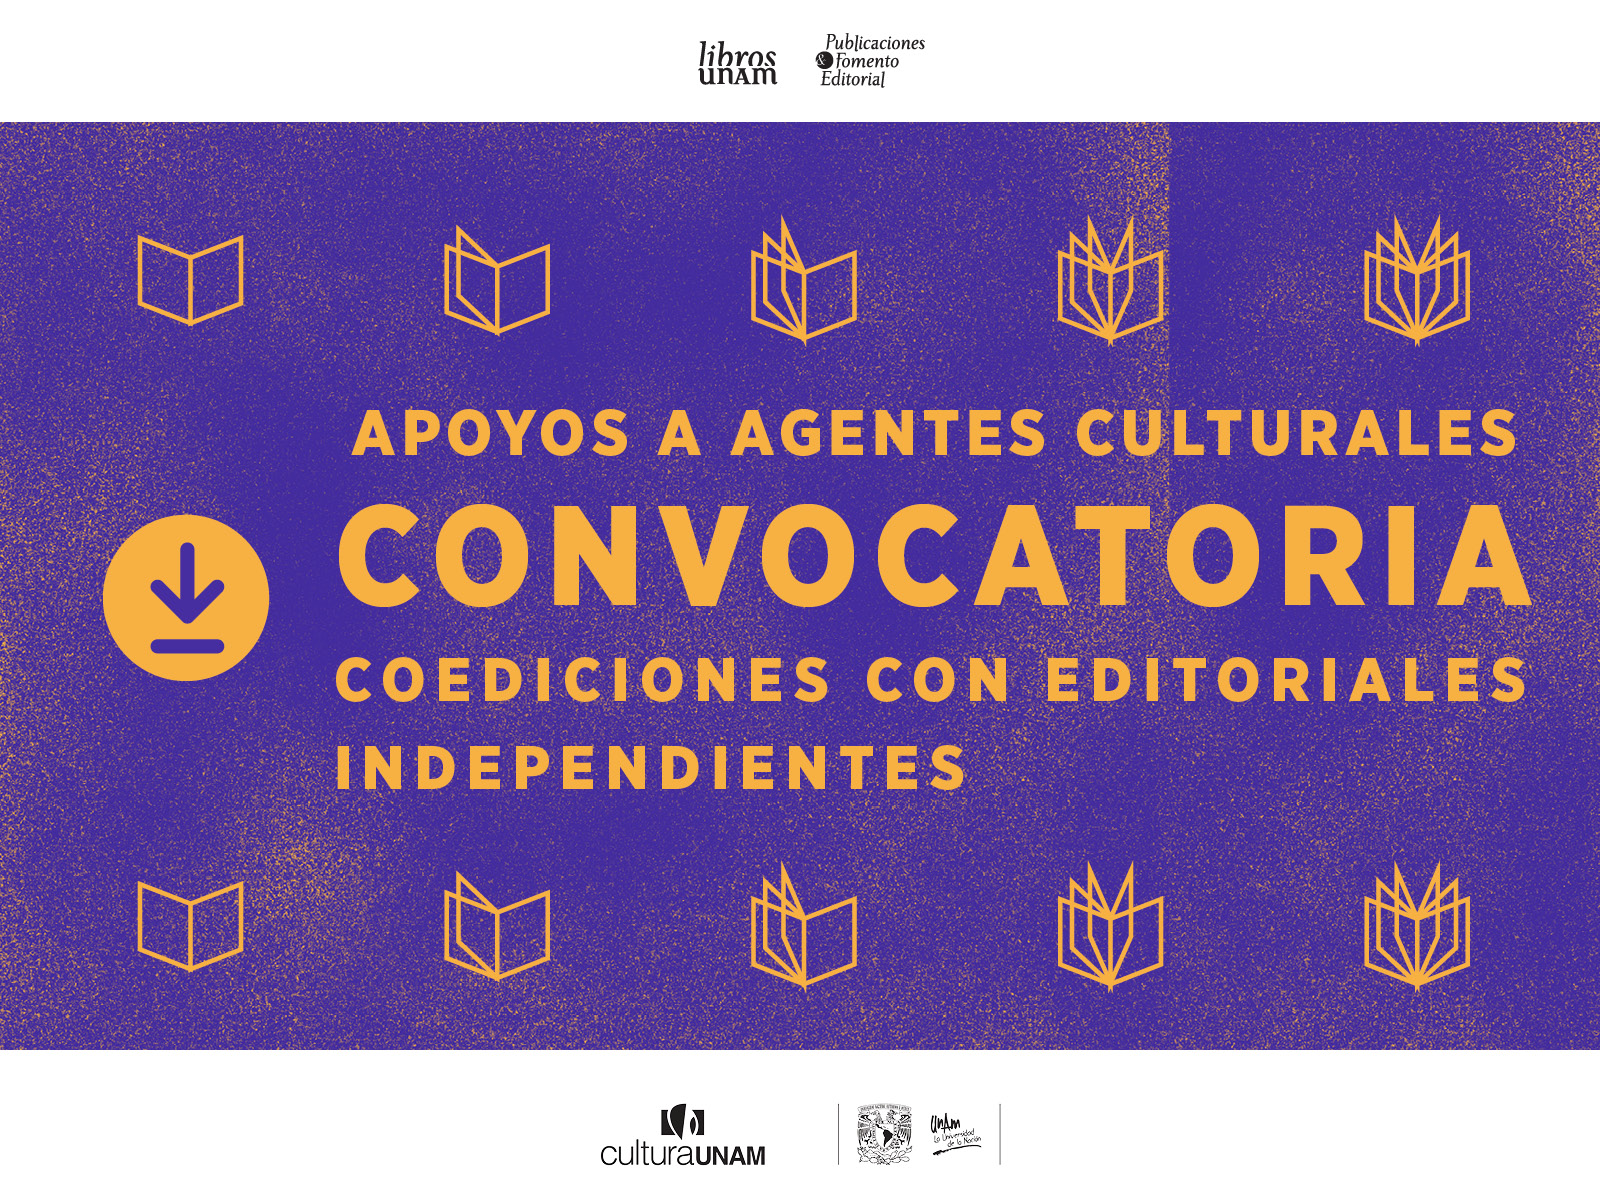 Convocatoria de coediones con editoriales independientes - Libros UNAM